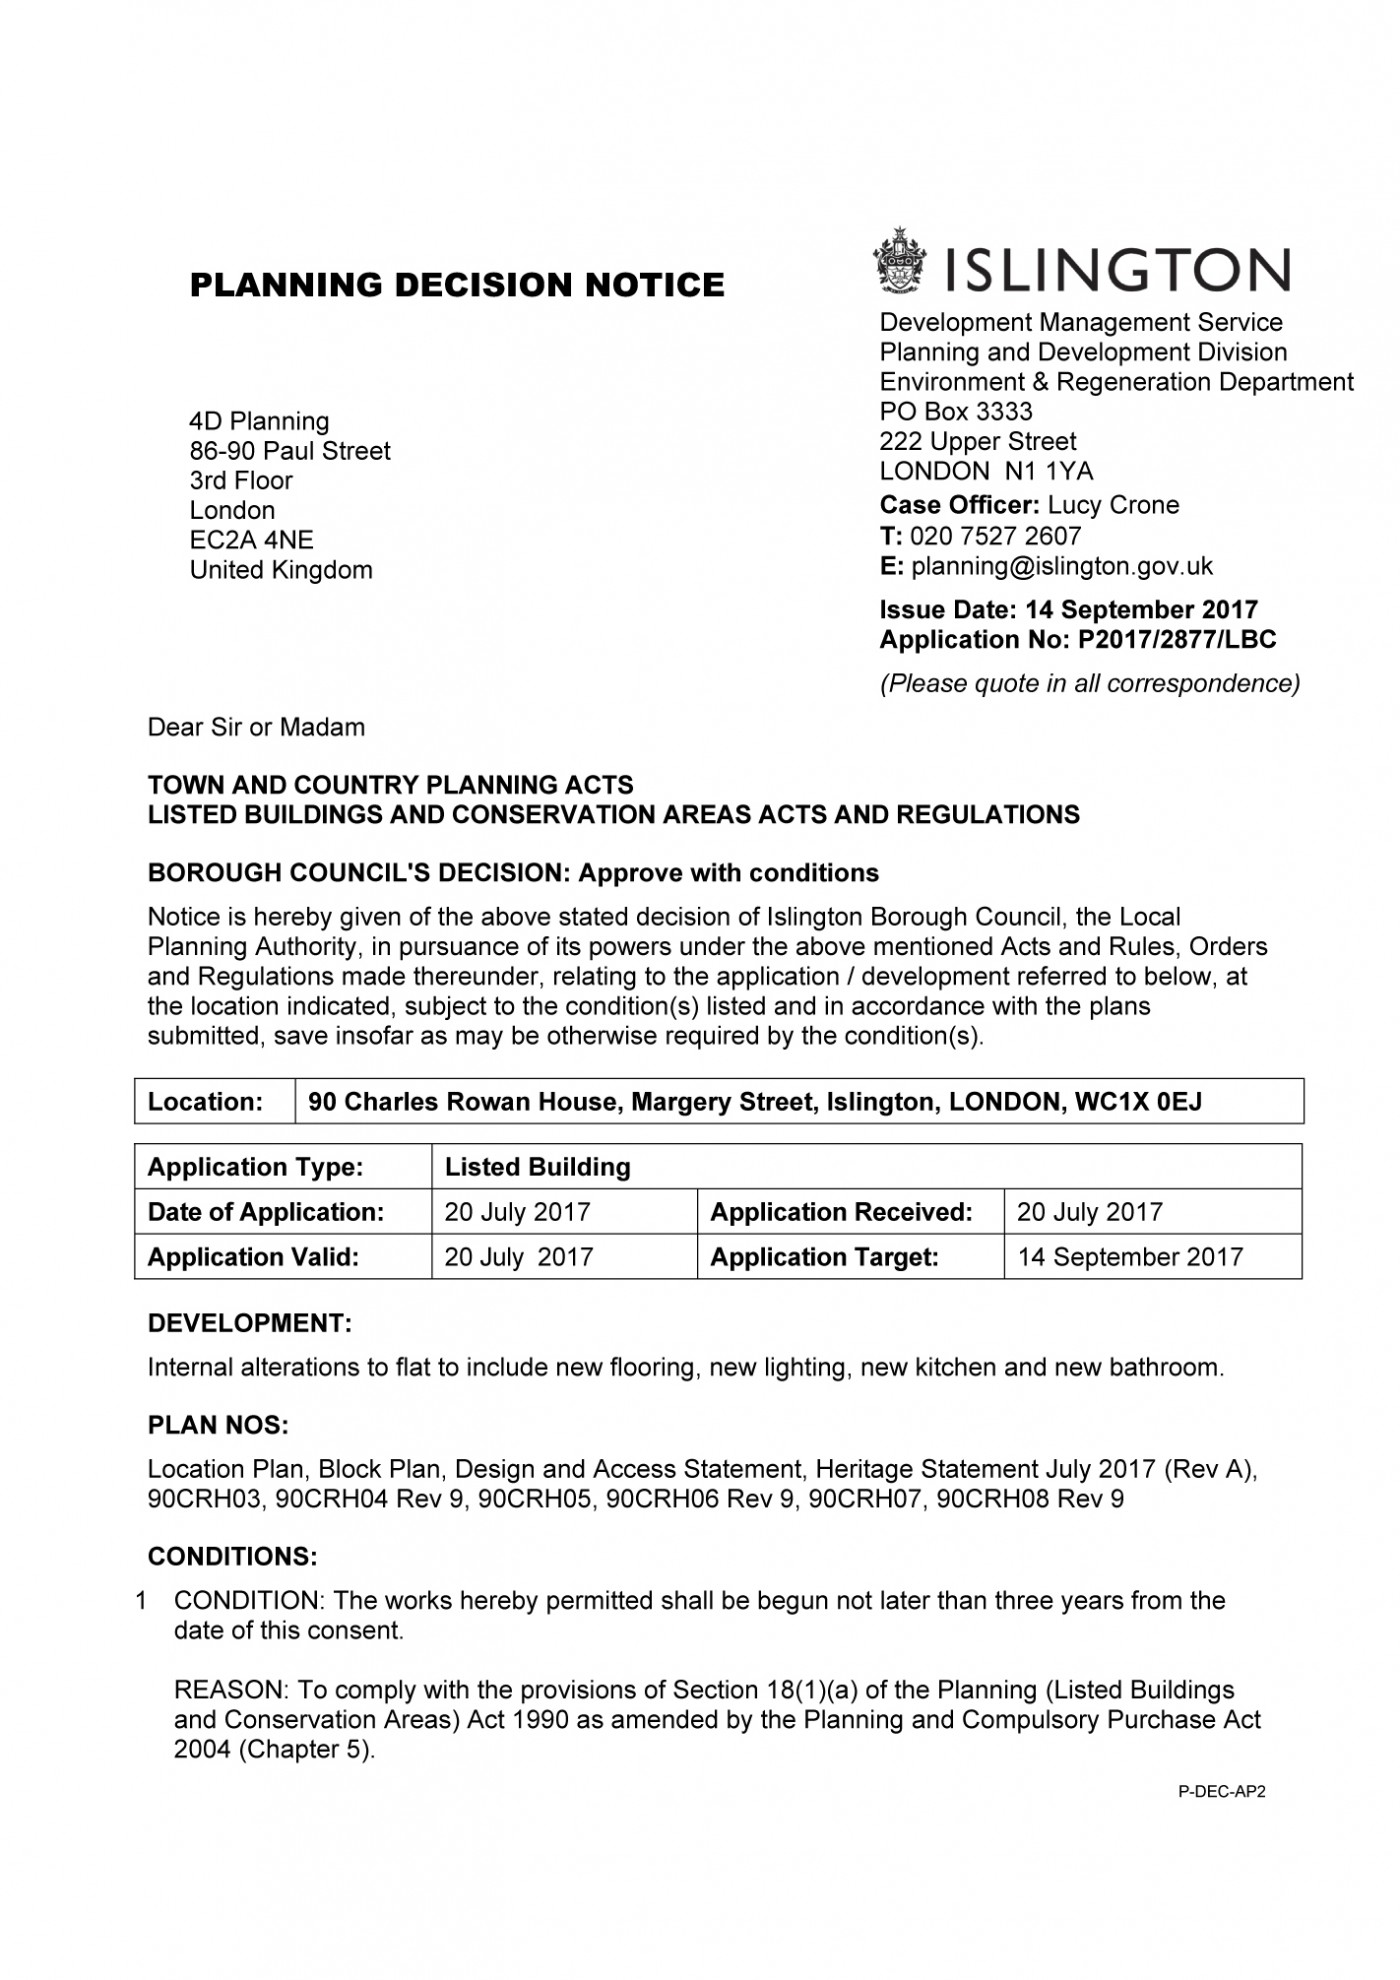 decision notice - Islington